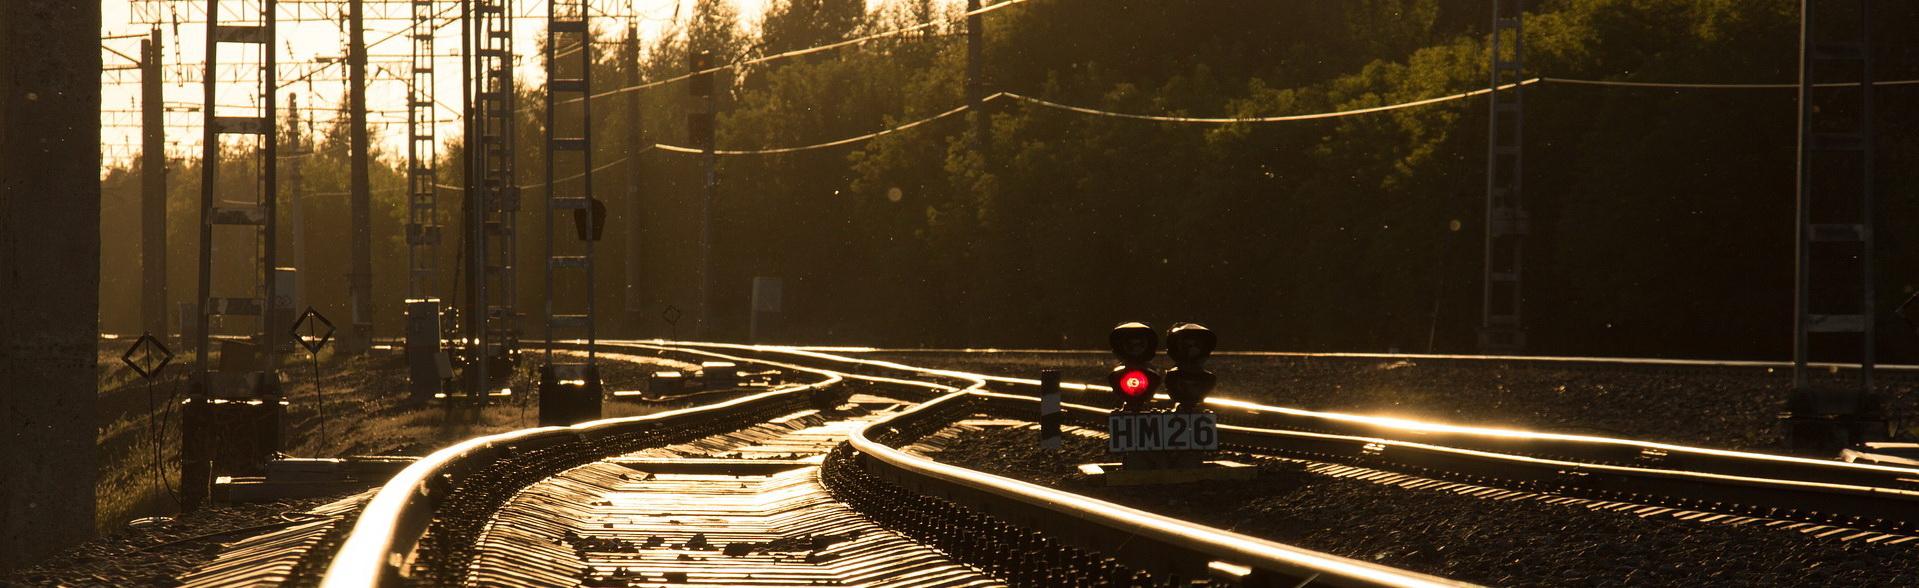 railway-hjemmeside